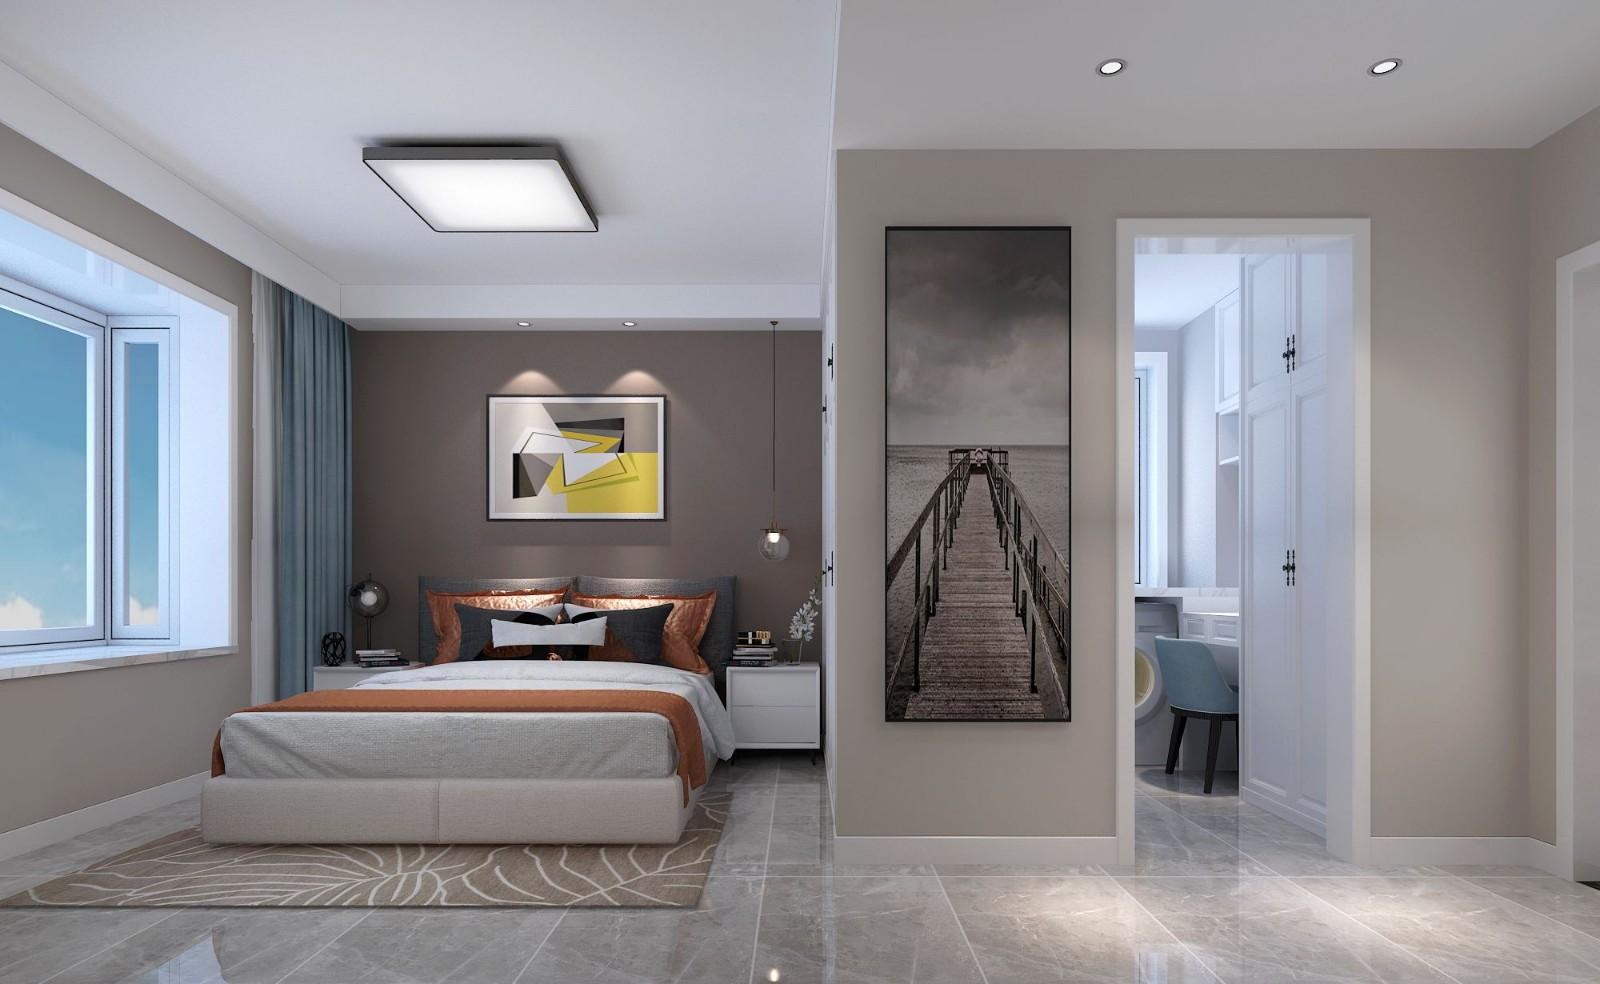 2020現代臥室裝修設計圖片 2020現代窗臺裝修設計圖片